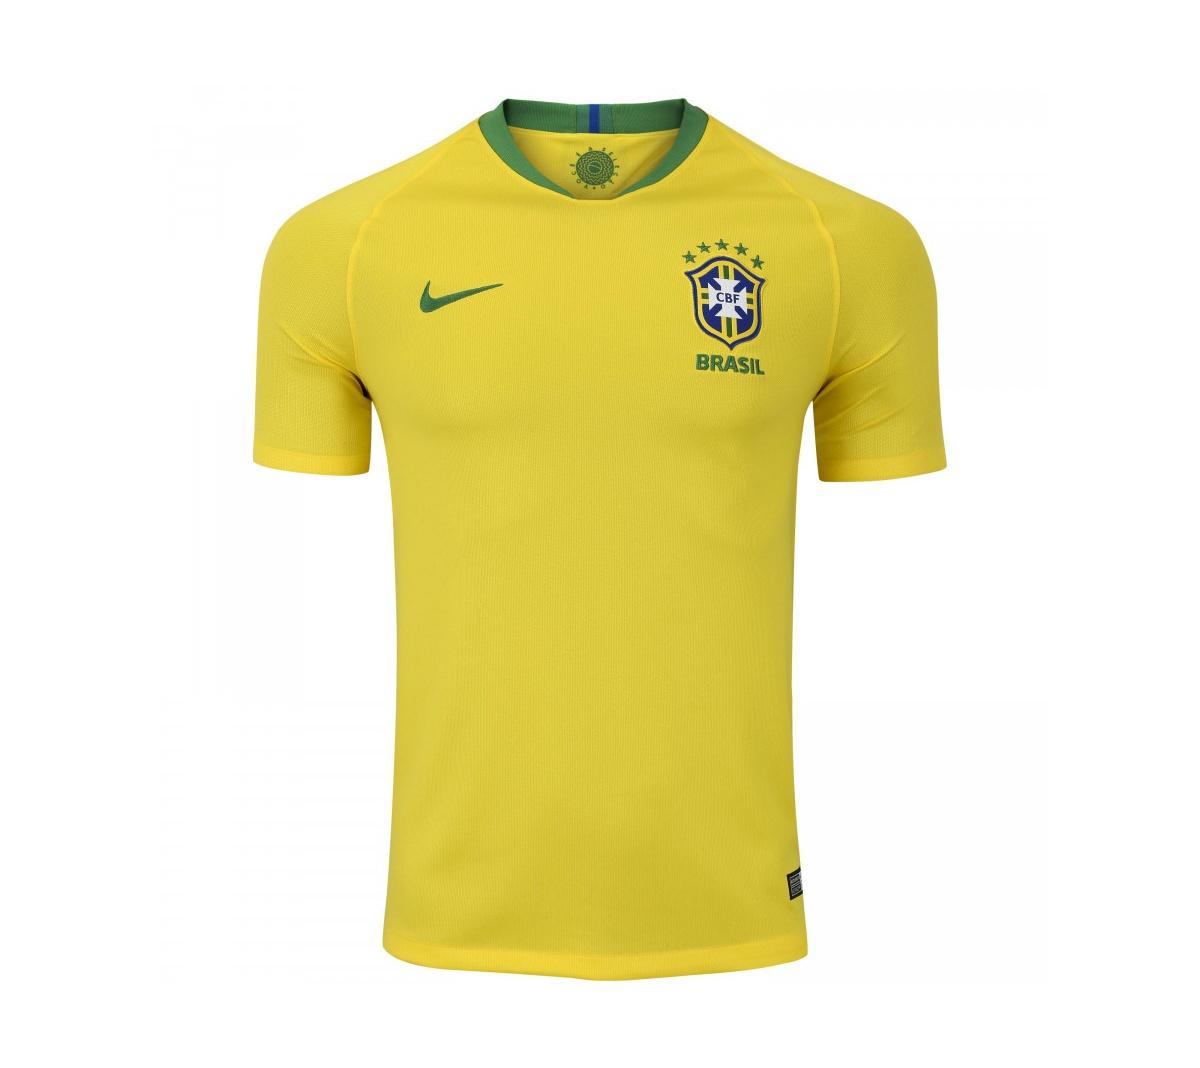 Camisa Nike Brasil I 2018/19 Torcedor Masculina